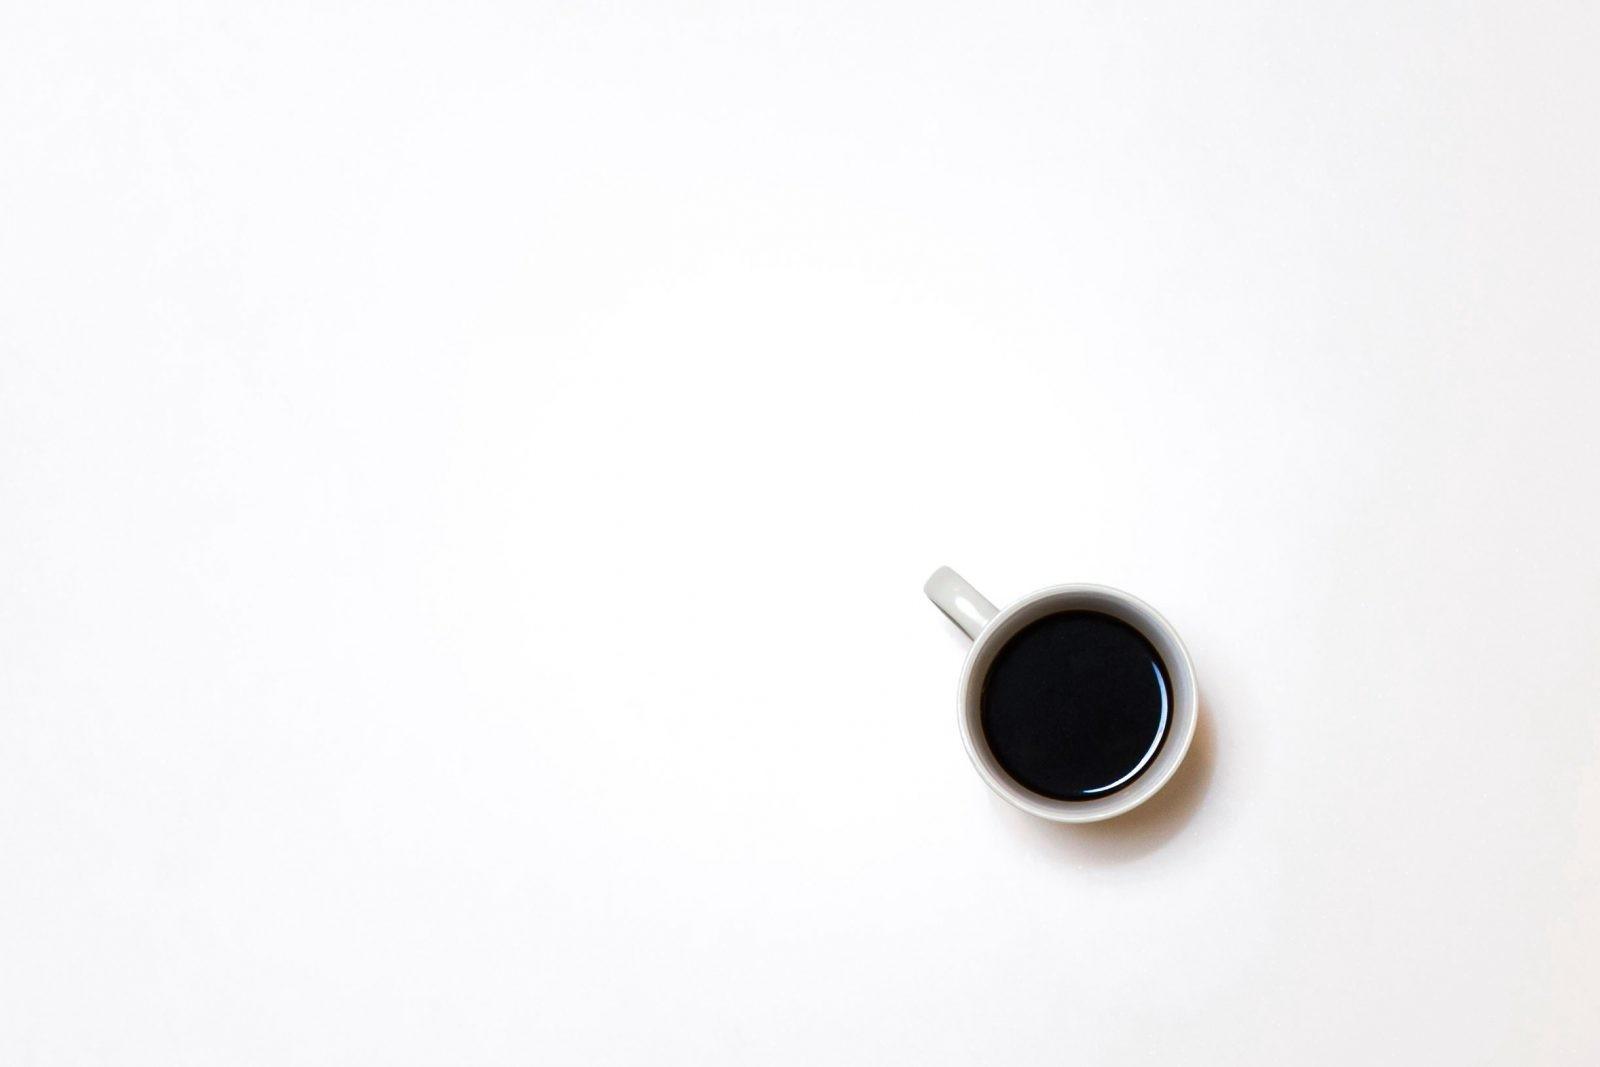 3 кратки стъпки към по-минималистично и обогатяващо ежедневие